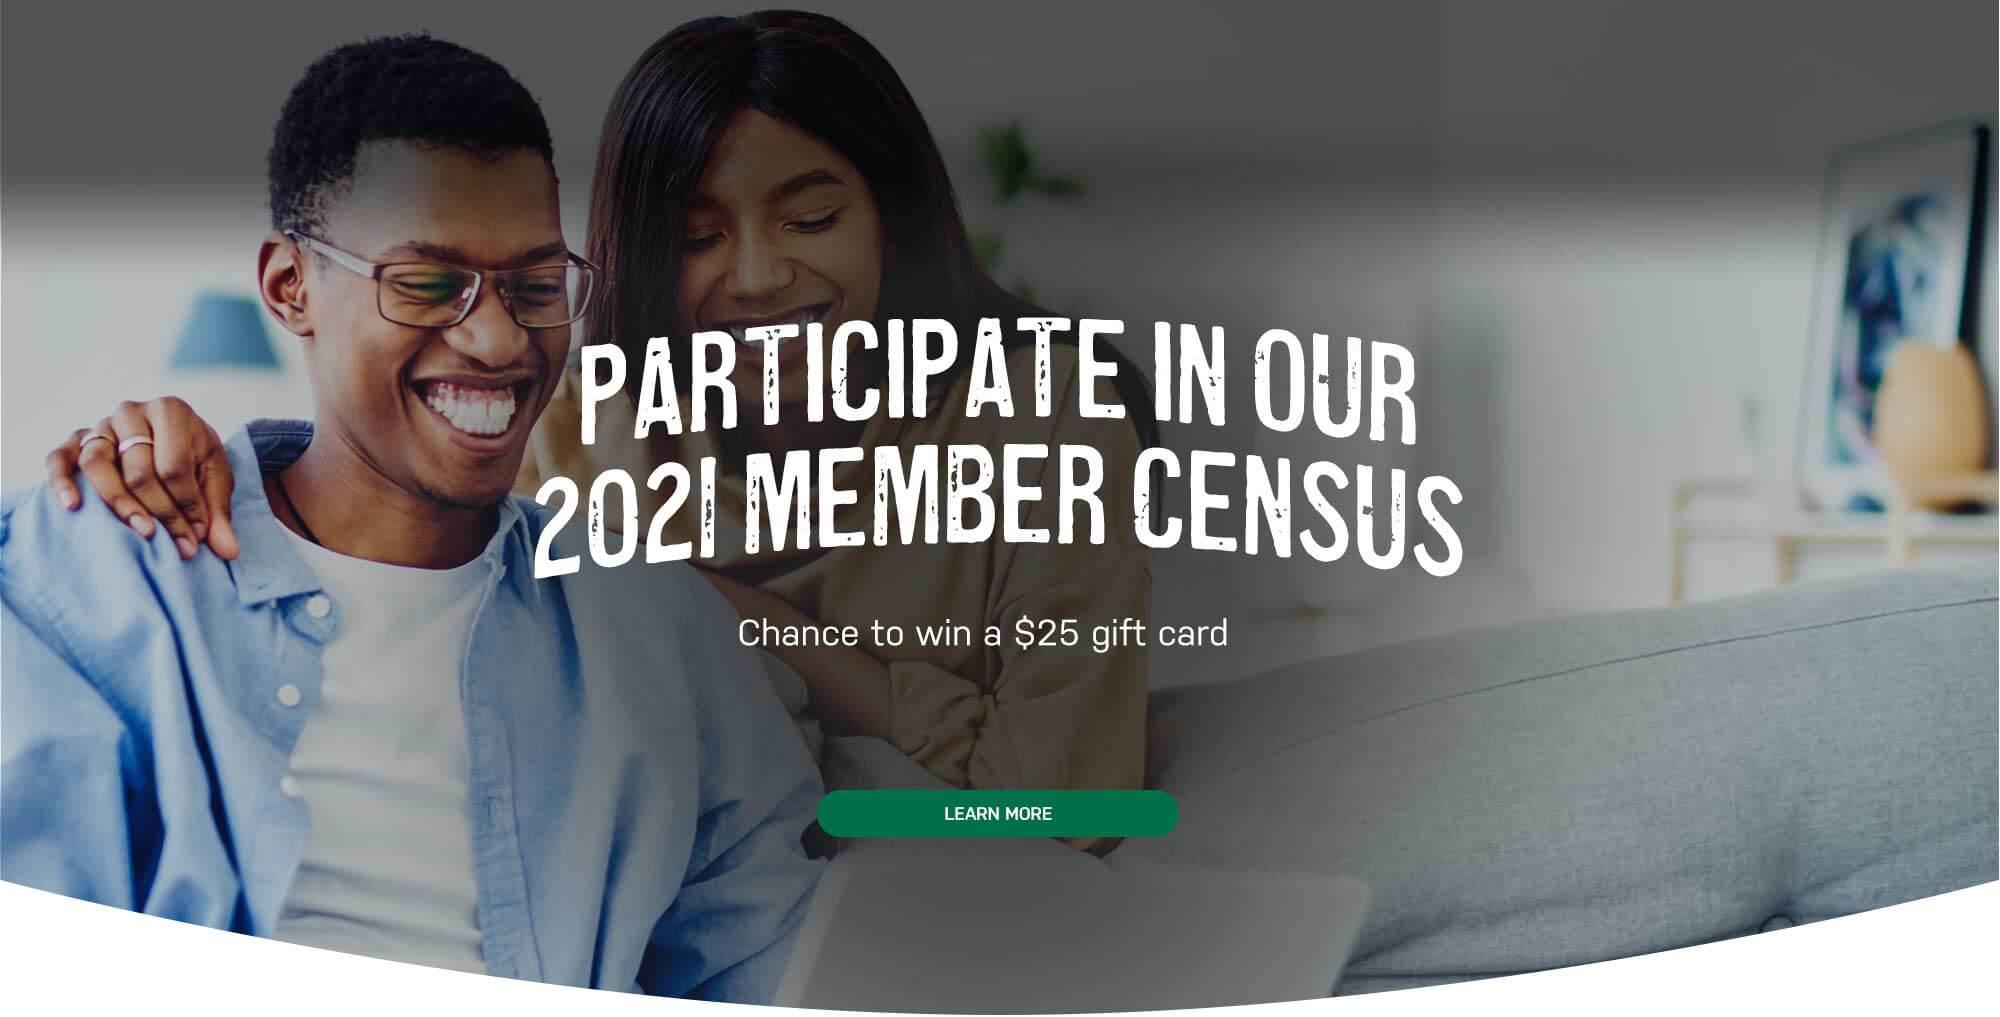 2021 Member Census